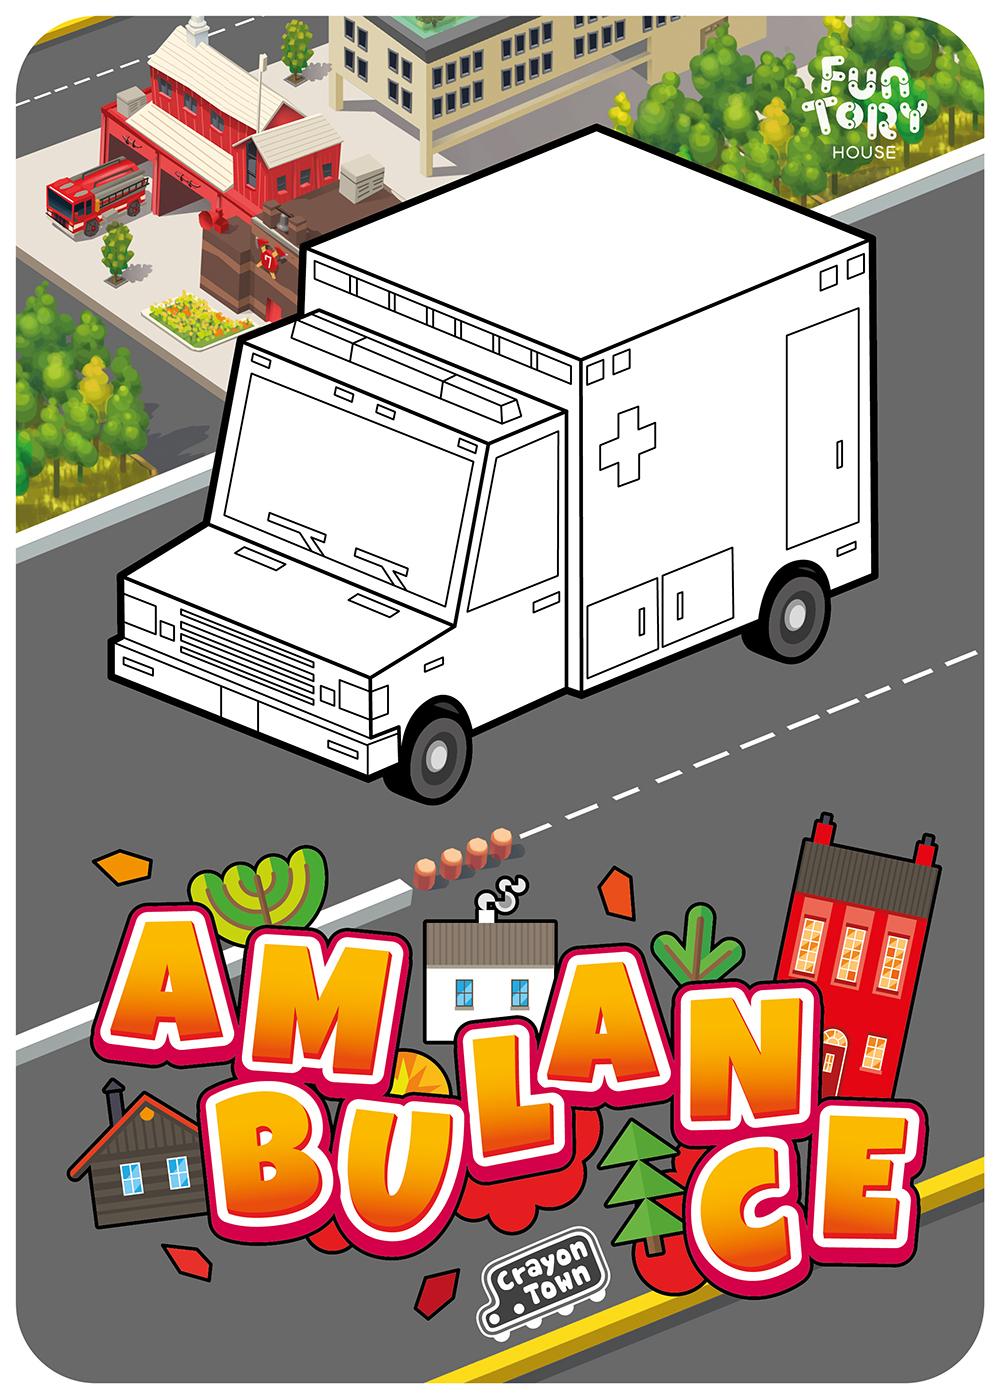 1. 구급차 (Ambulance)